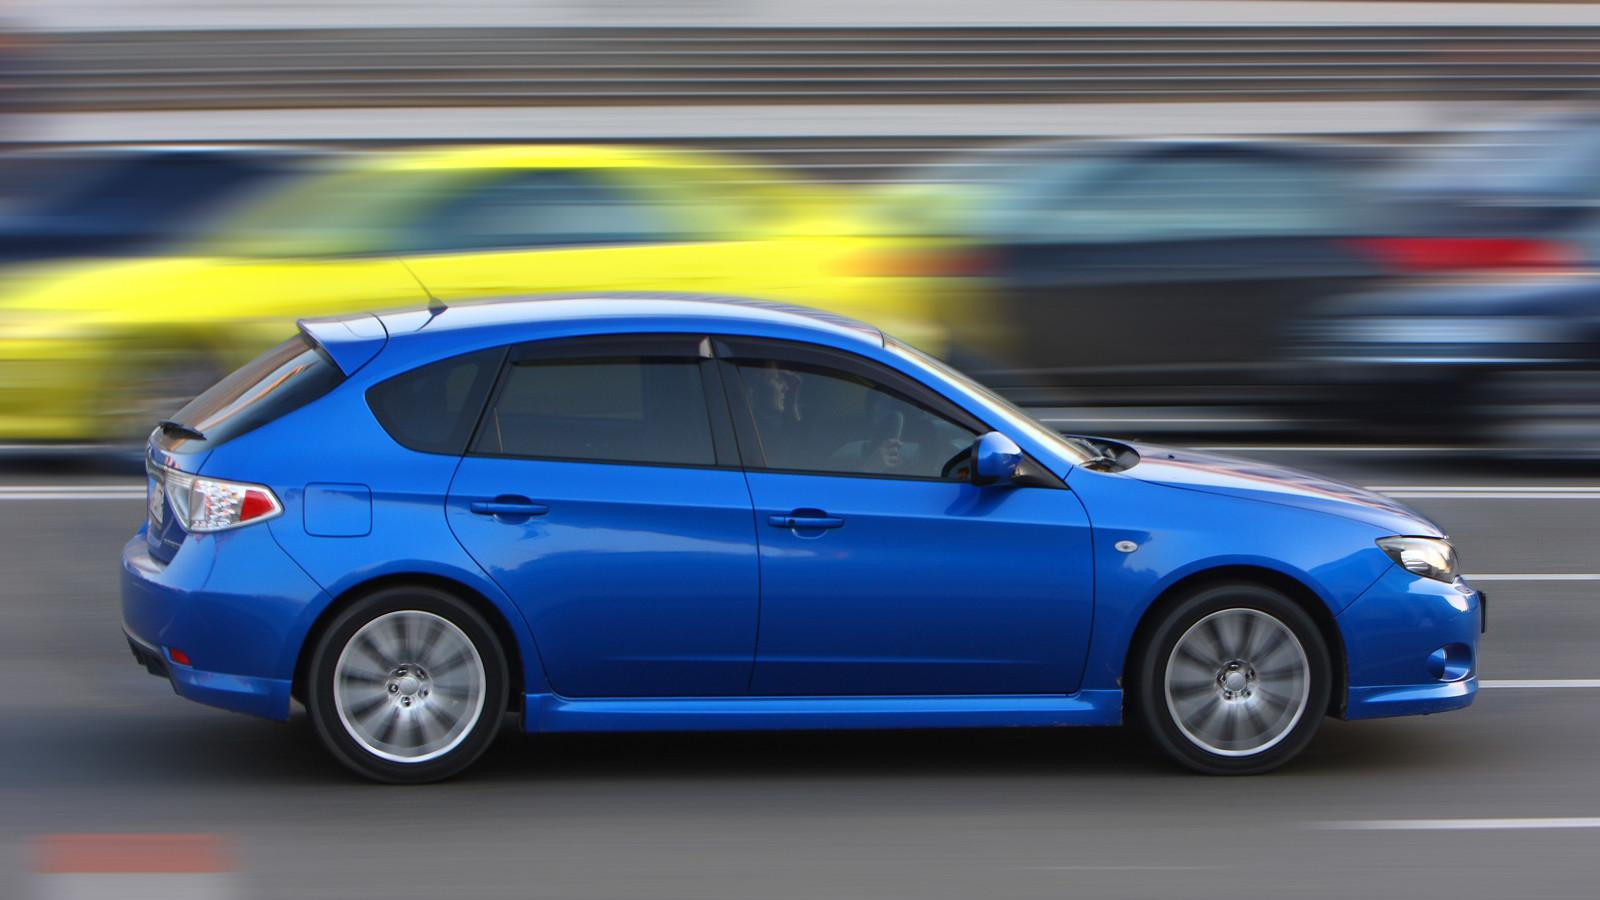 Генеральная прокуратура предлагает запретить ГИБДД арестовывать водителей заотказ предоставлять автомобиль